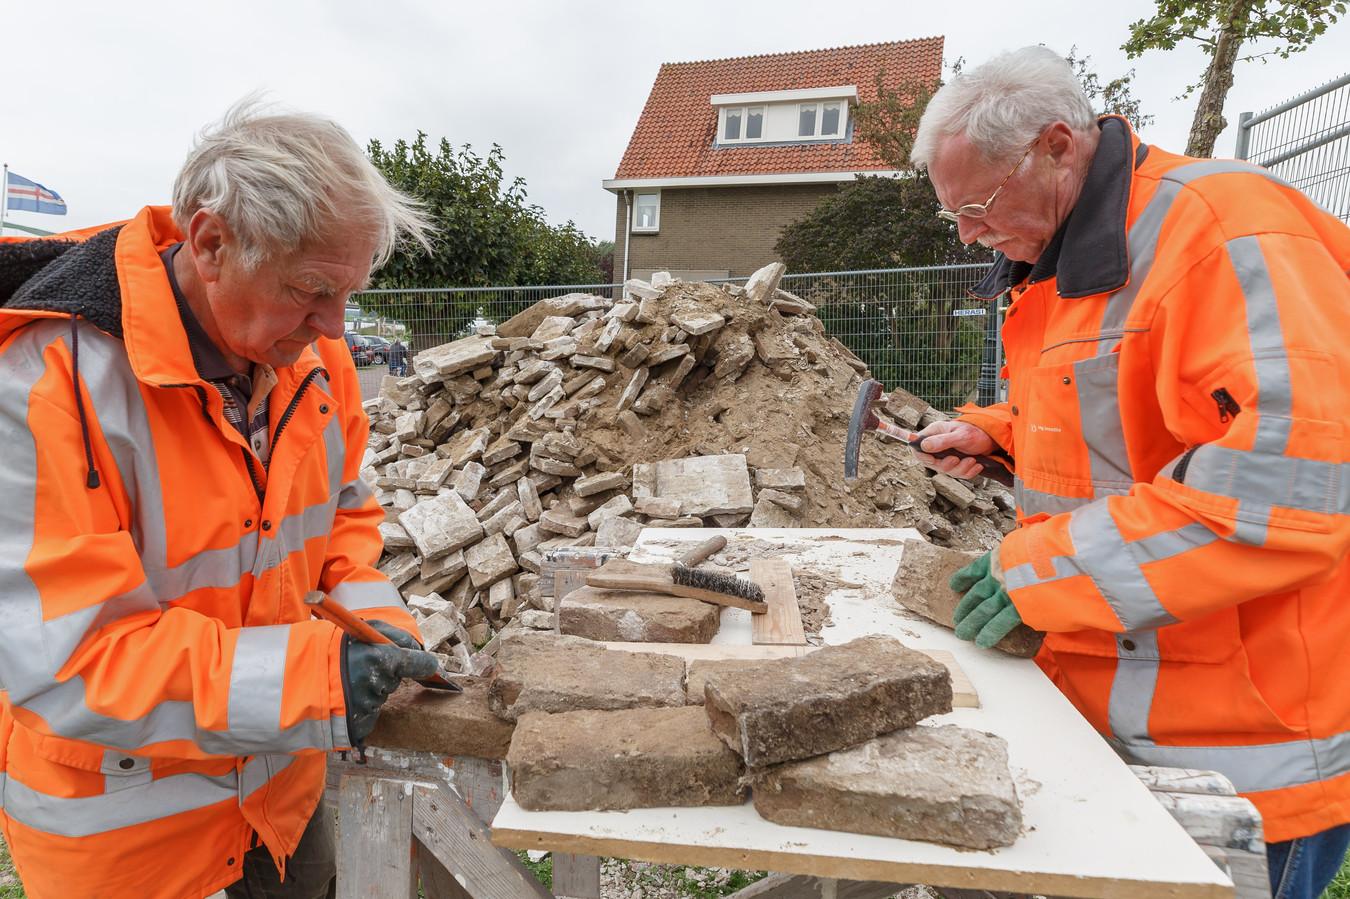 Vrijwilligers Gerrit Snijder (links) en John Assink aan het bikken.